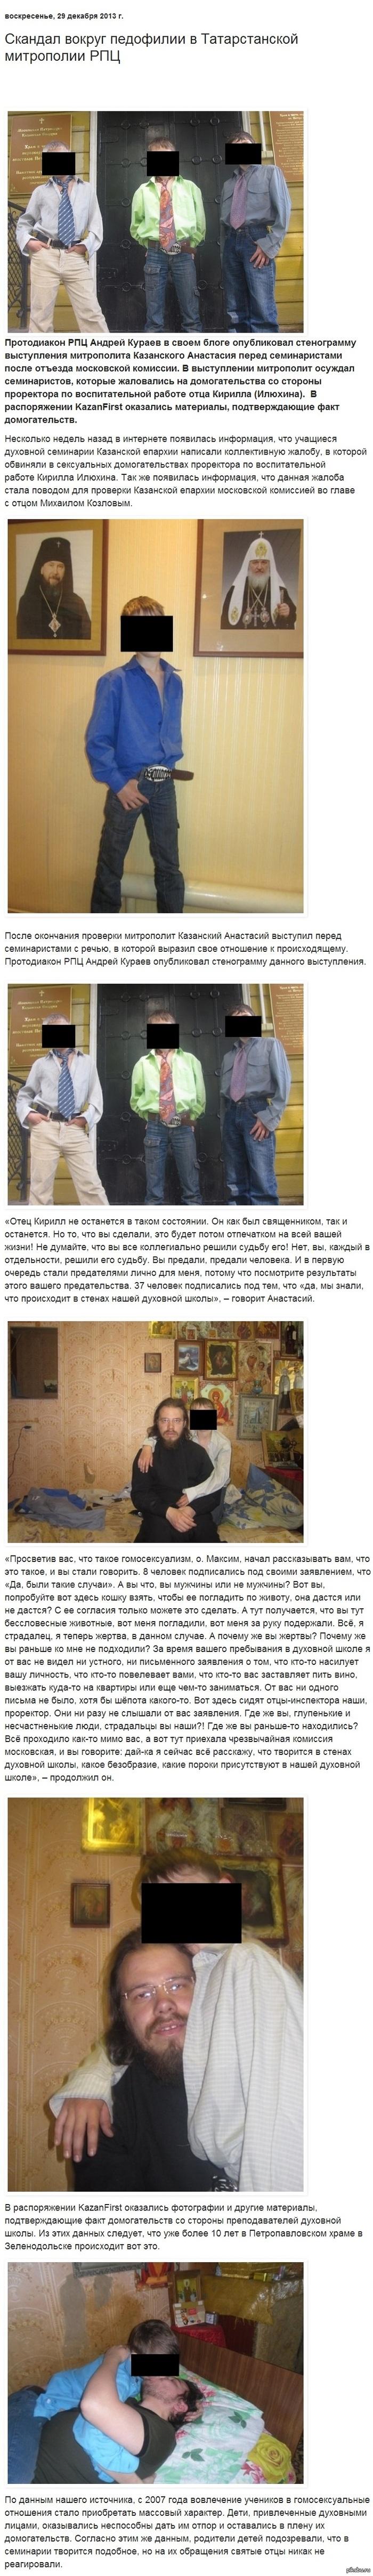 Патриарх и 40 гомоепископов - Интервью диакона Андрея Кураева о гомосексуальном лобби в РПЦ